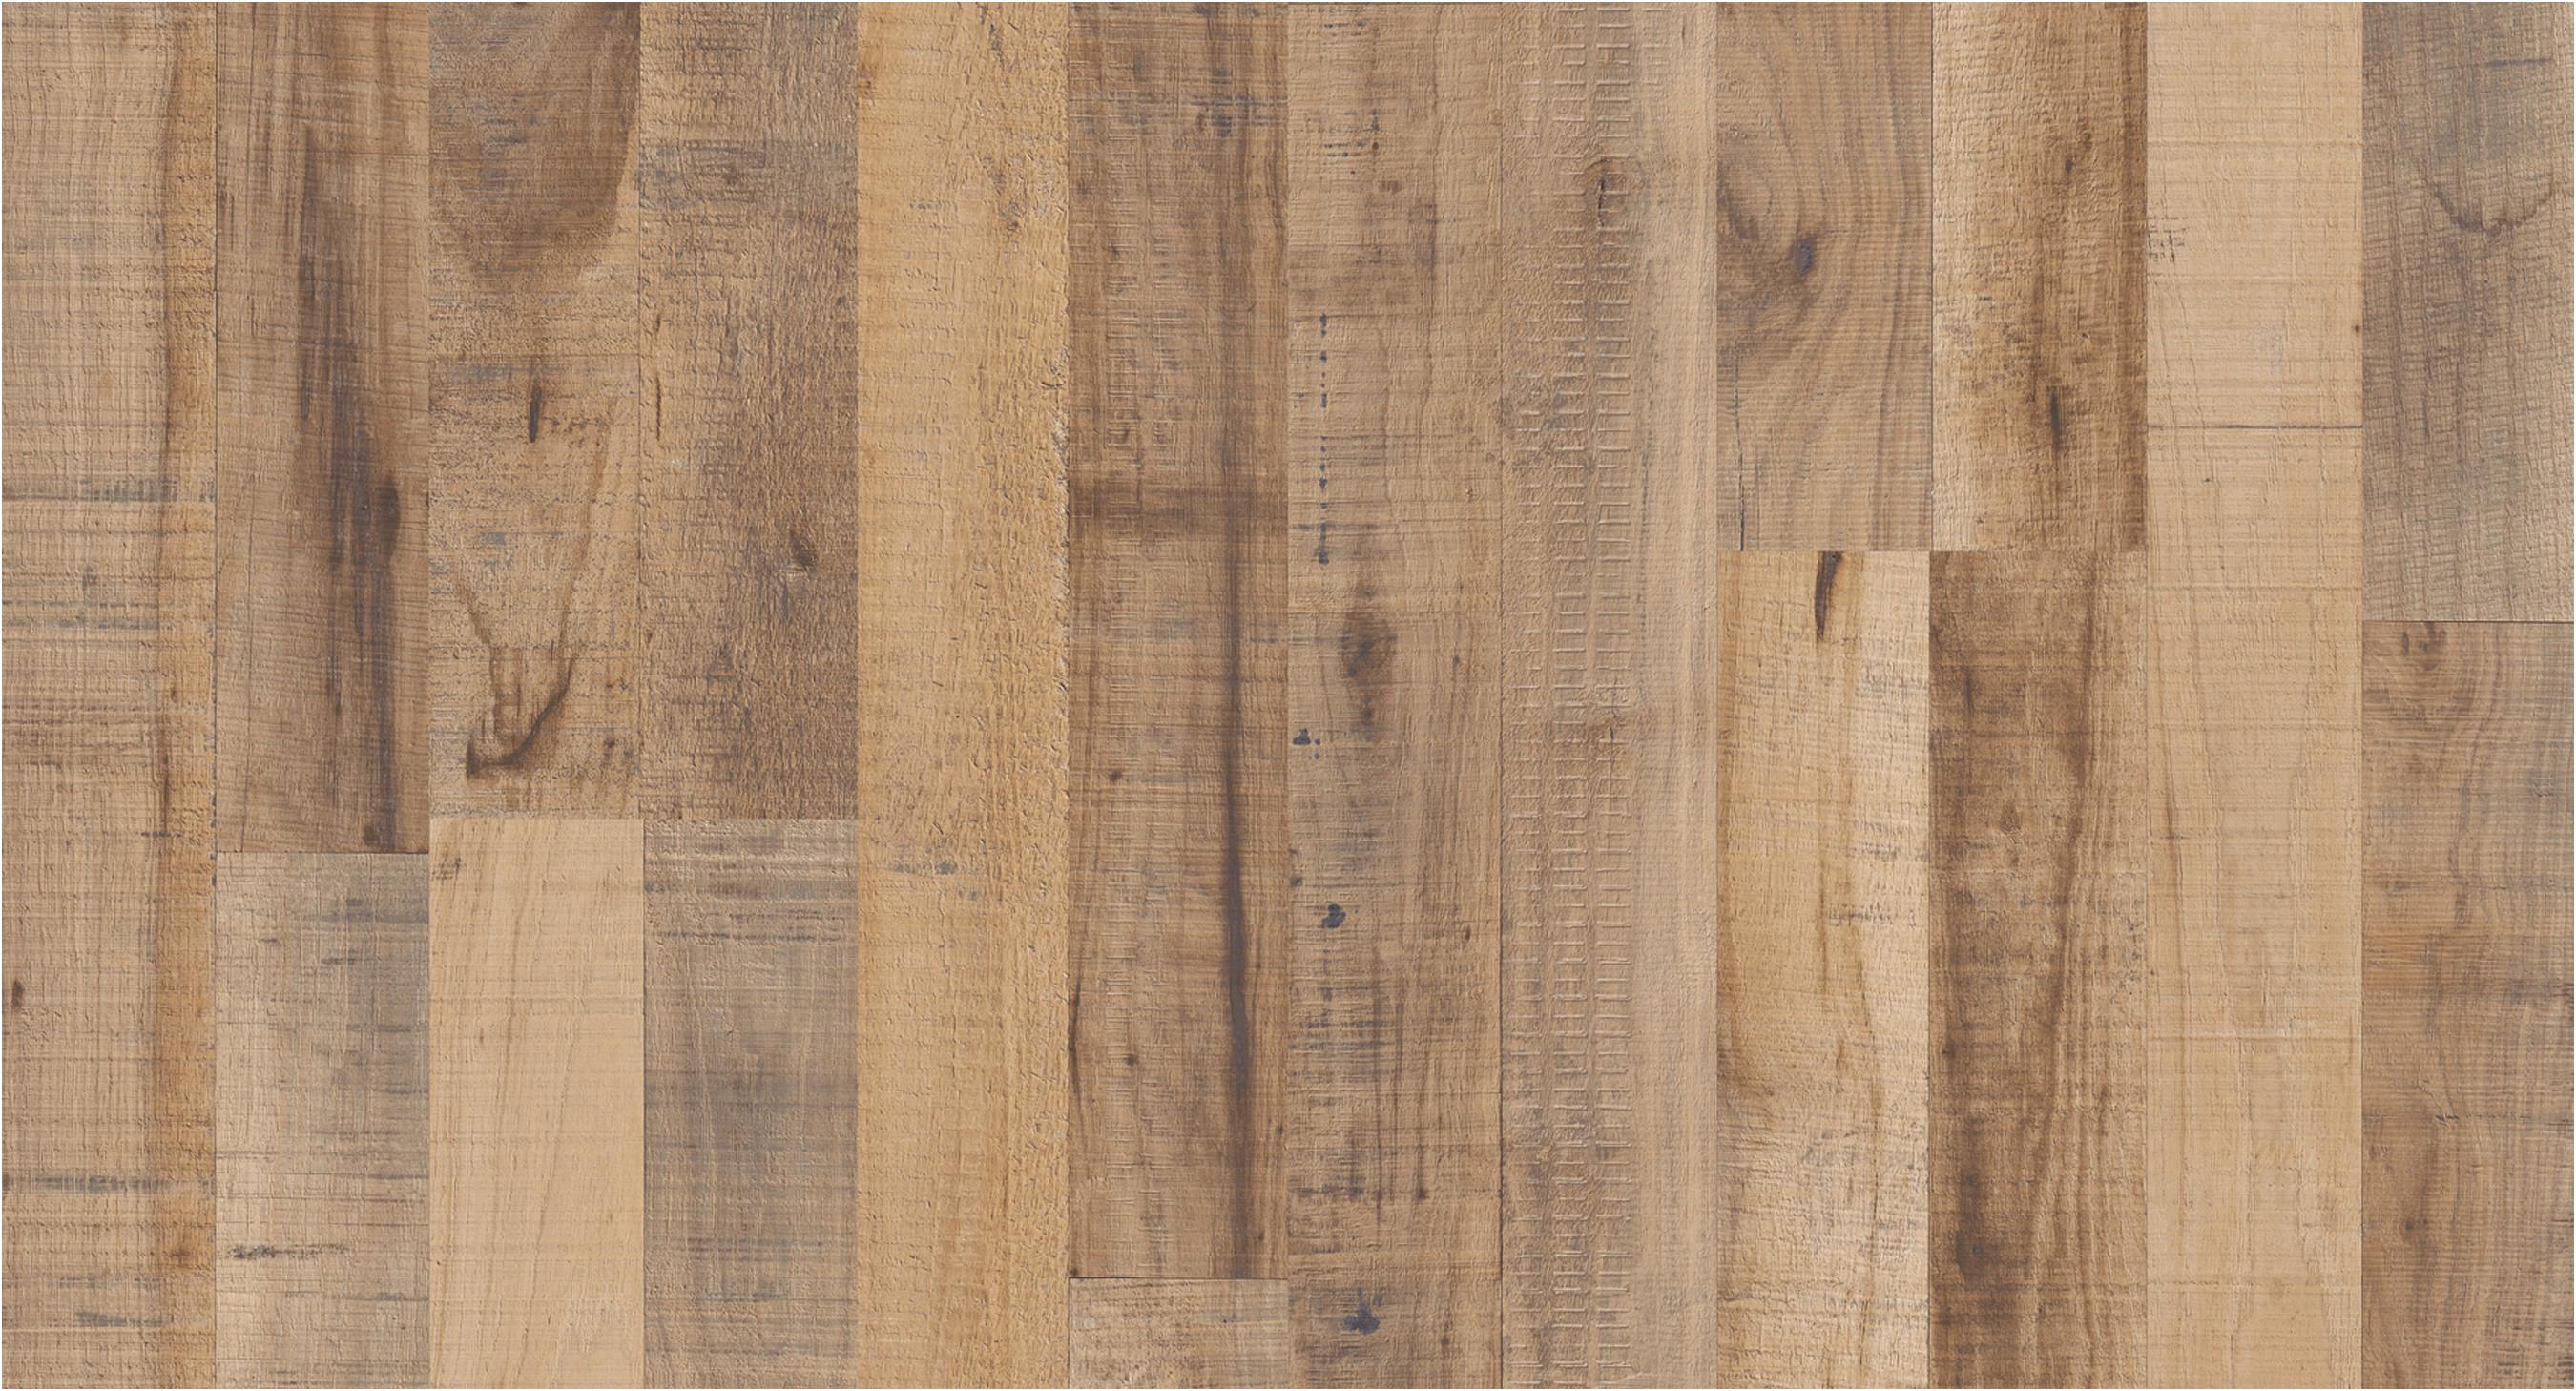 hardwood floor refinishing nj costs of 26 elegant laminate flooring cost calculator arteemark com regarding laminate flooring cost calculator how much flooring do i need calculator lovely cost floor tiles in